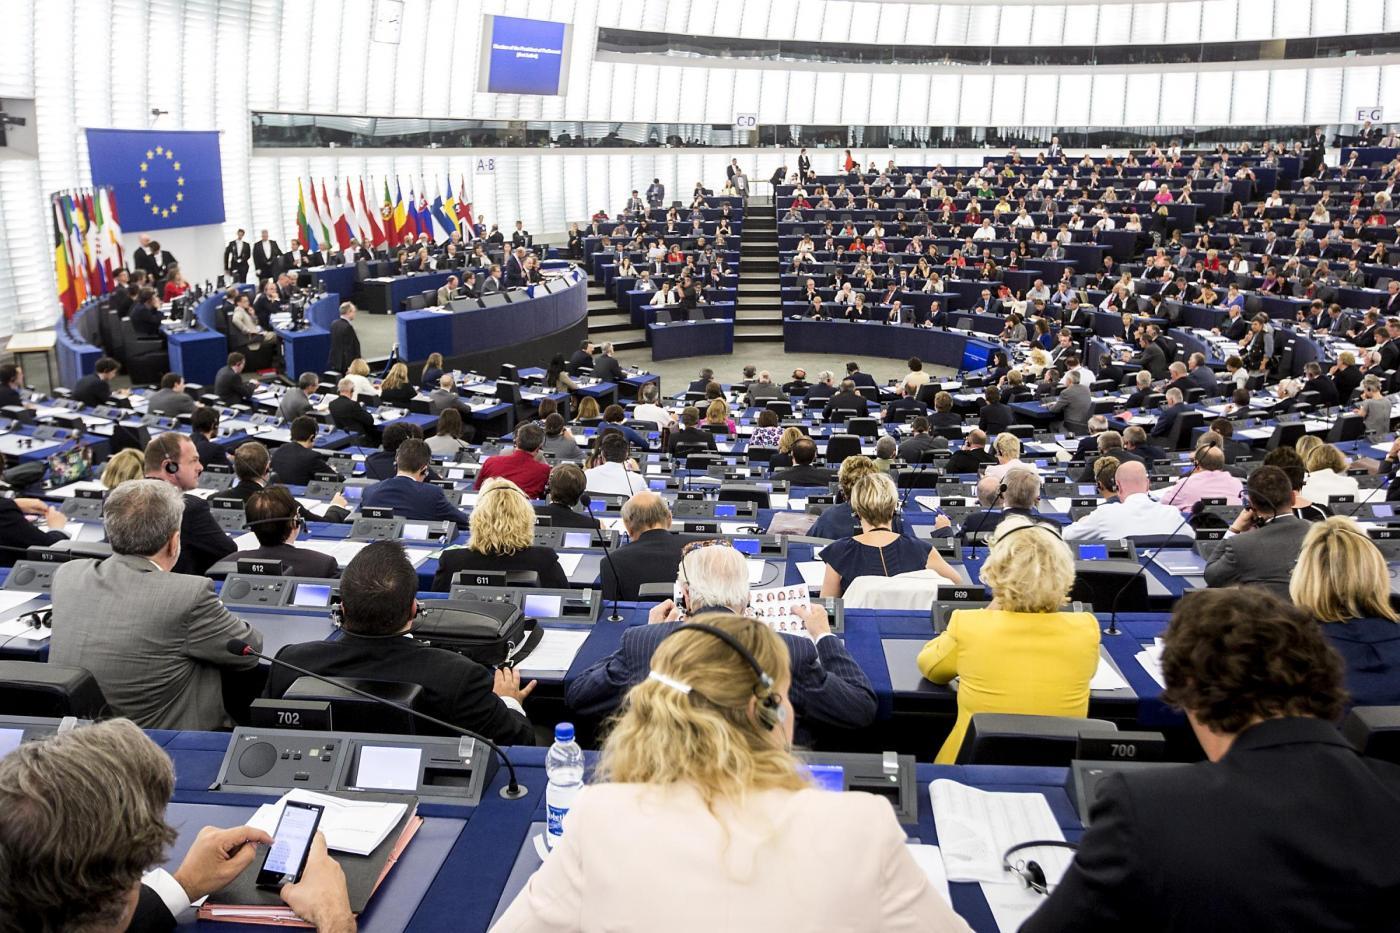 Reddito minimo di cittadinanza passa al parlamento for Diretta dal parlamento